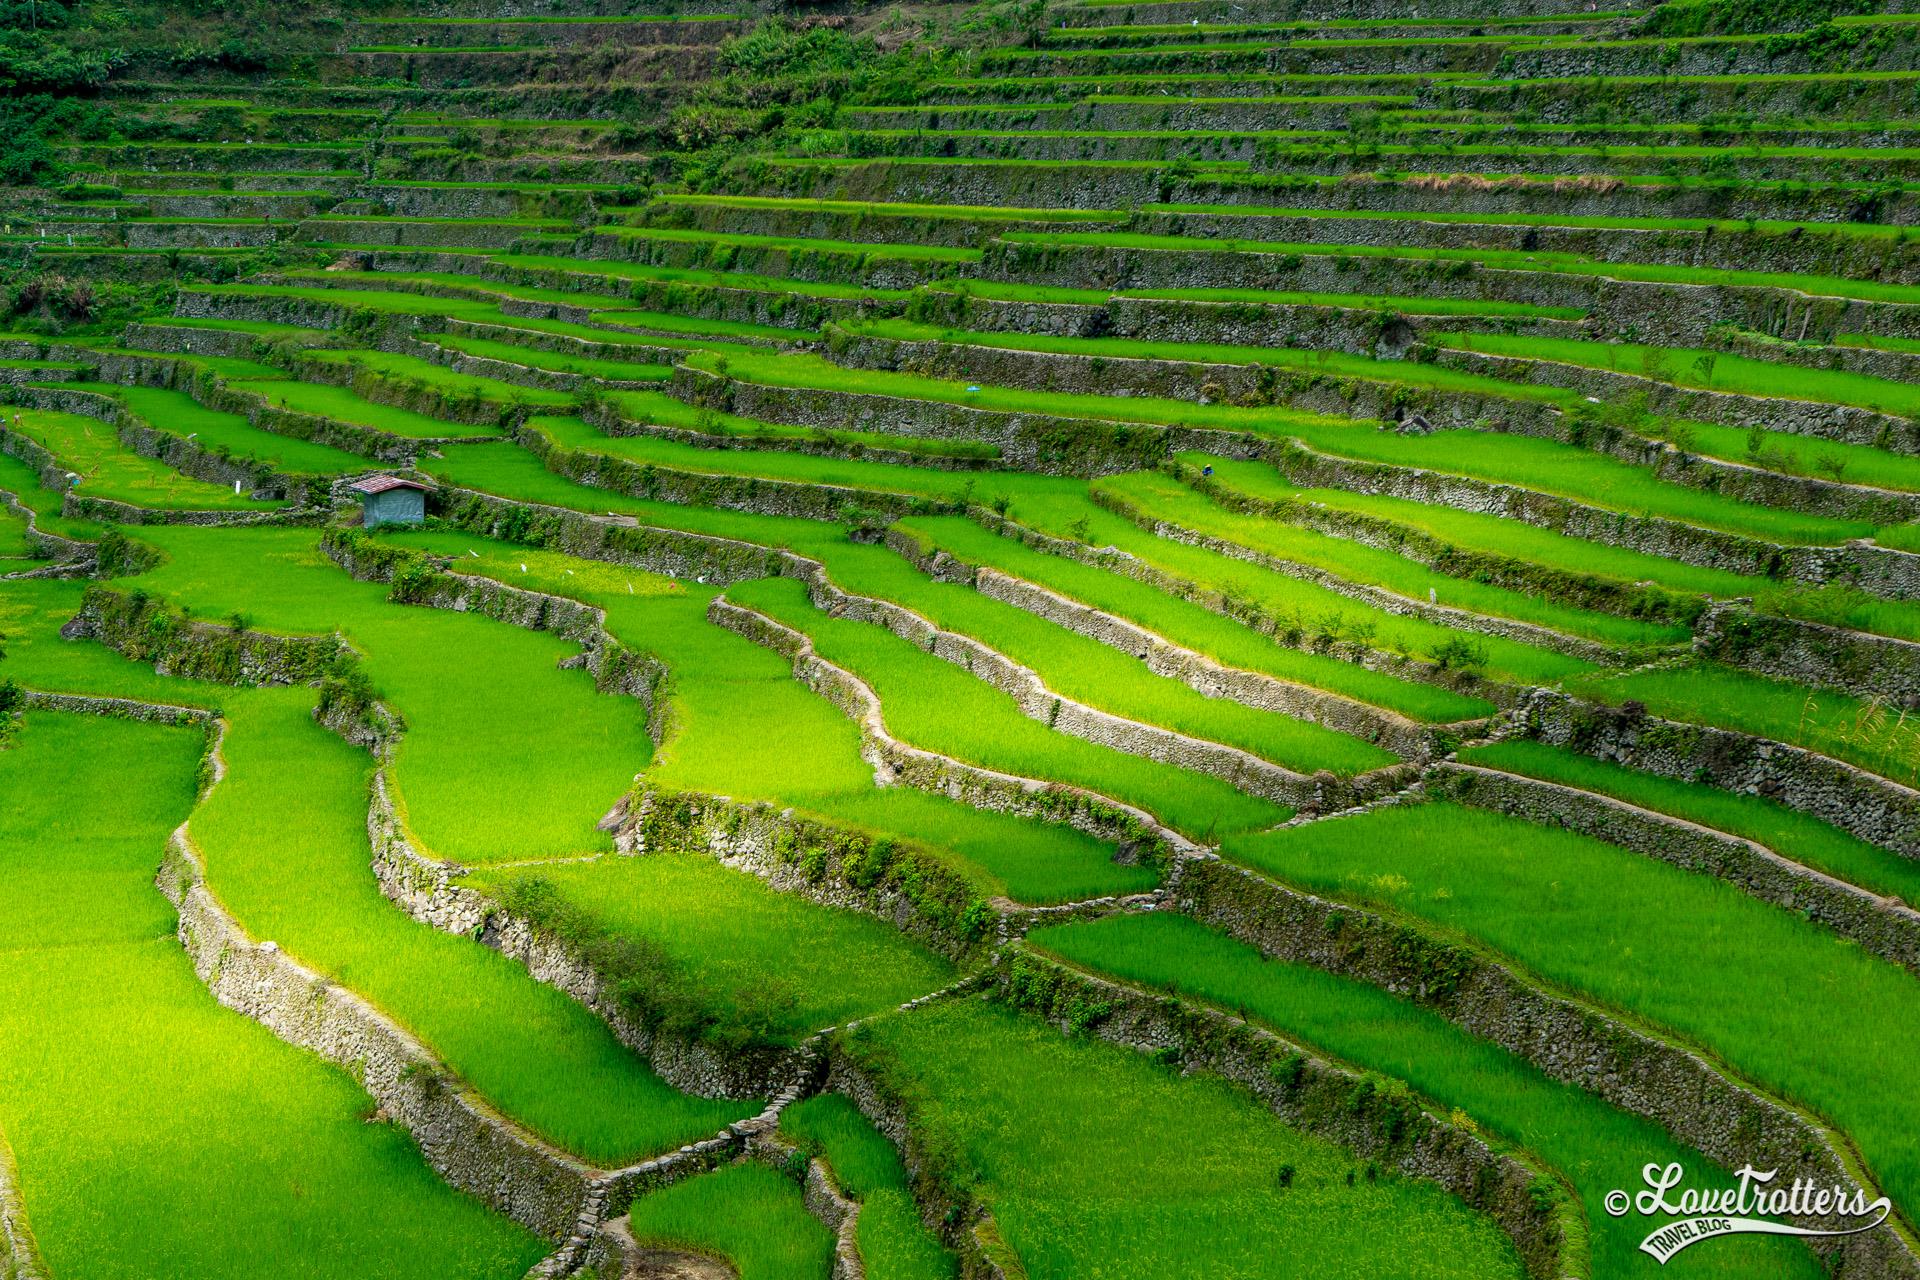 Voyage au Philippines - les terasses de riz de Batad